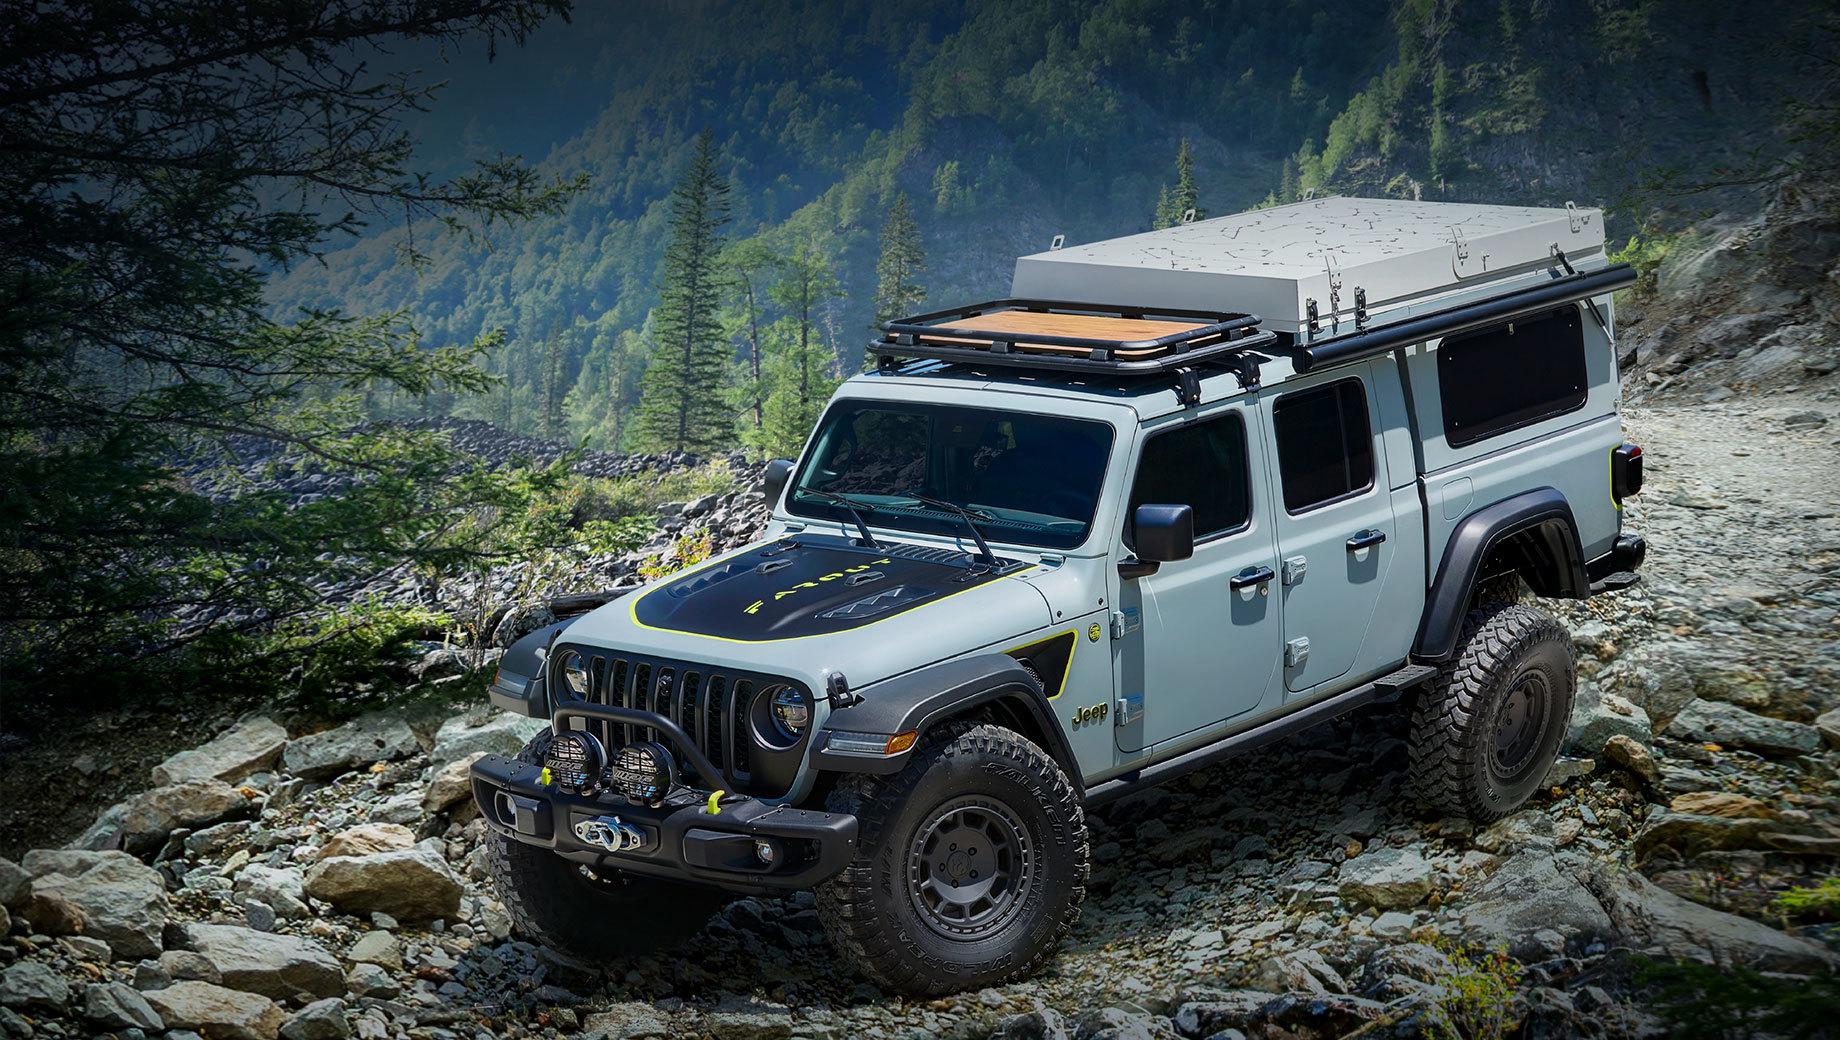 Jeep gladiator,Jeep gladiator farout. Farout должен был дебютировать в апреле на Пасхальном сафари (Easter Jeep Safari), однако мероприятие отменено из-за пандемии. Теперь концепт окрашен в новый колер Earl с зеленовато-жёлтыми акцентами, обут в 17-дюймовые покрышки Falken Wildpeak A/T3W и обвешан аксессуарами.